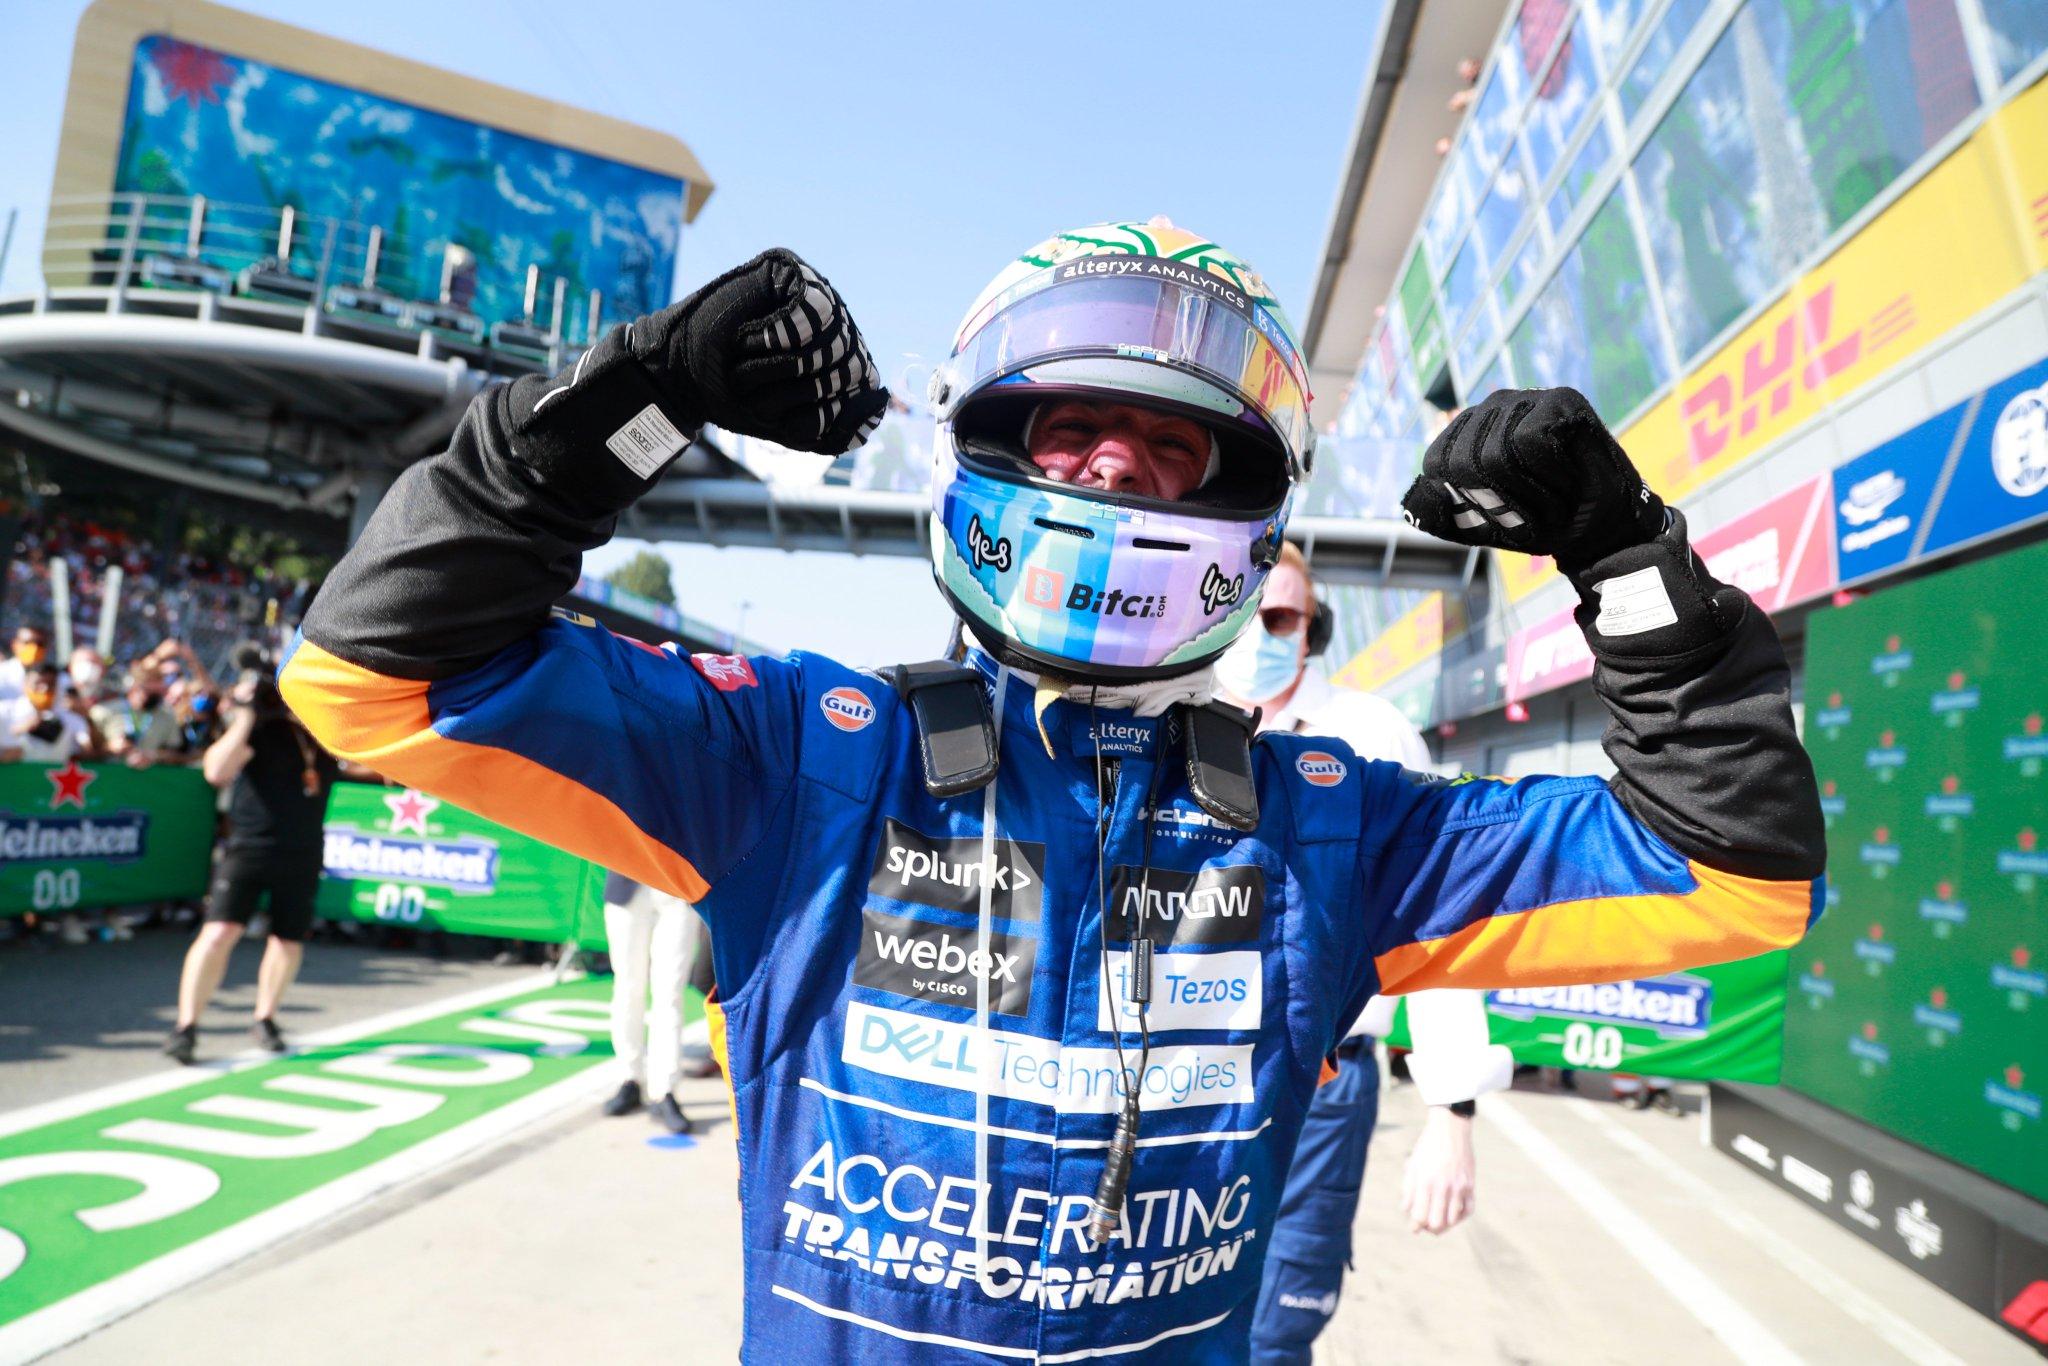 Victoire de Ricciardo, doublé McLaren et accrochage des 2 candidats au titre